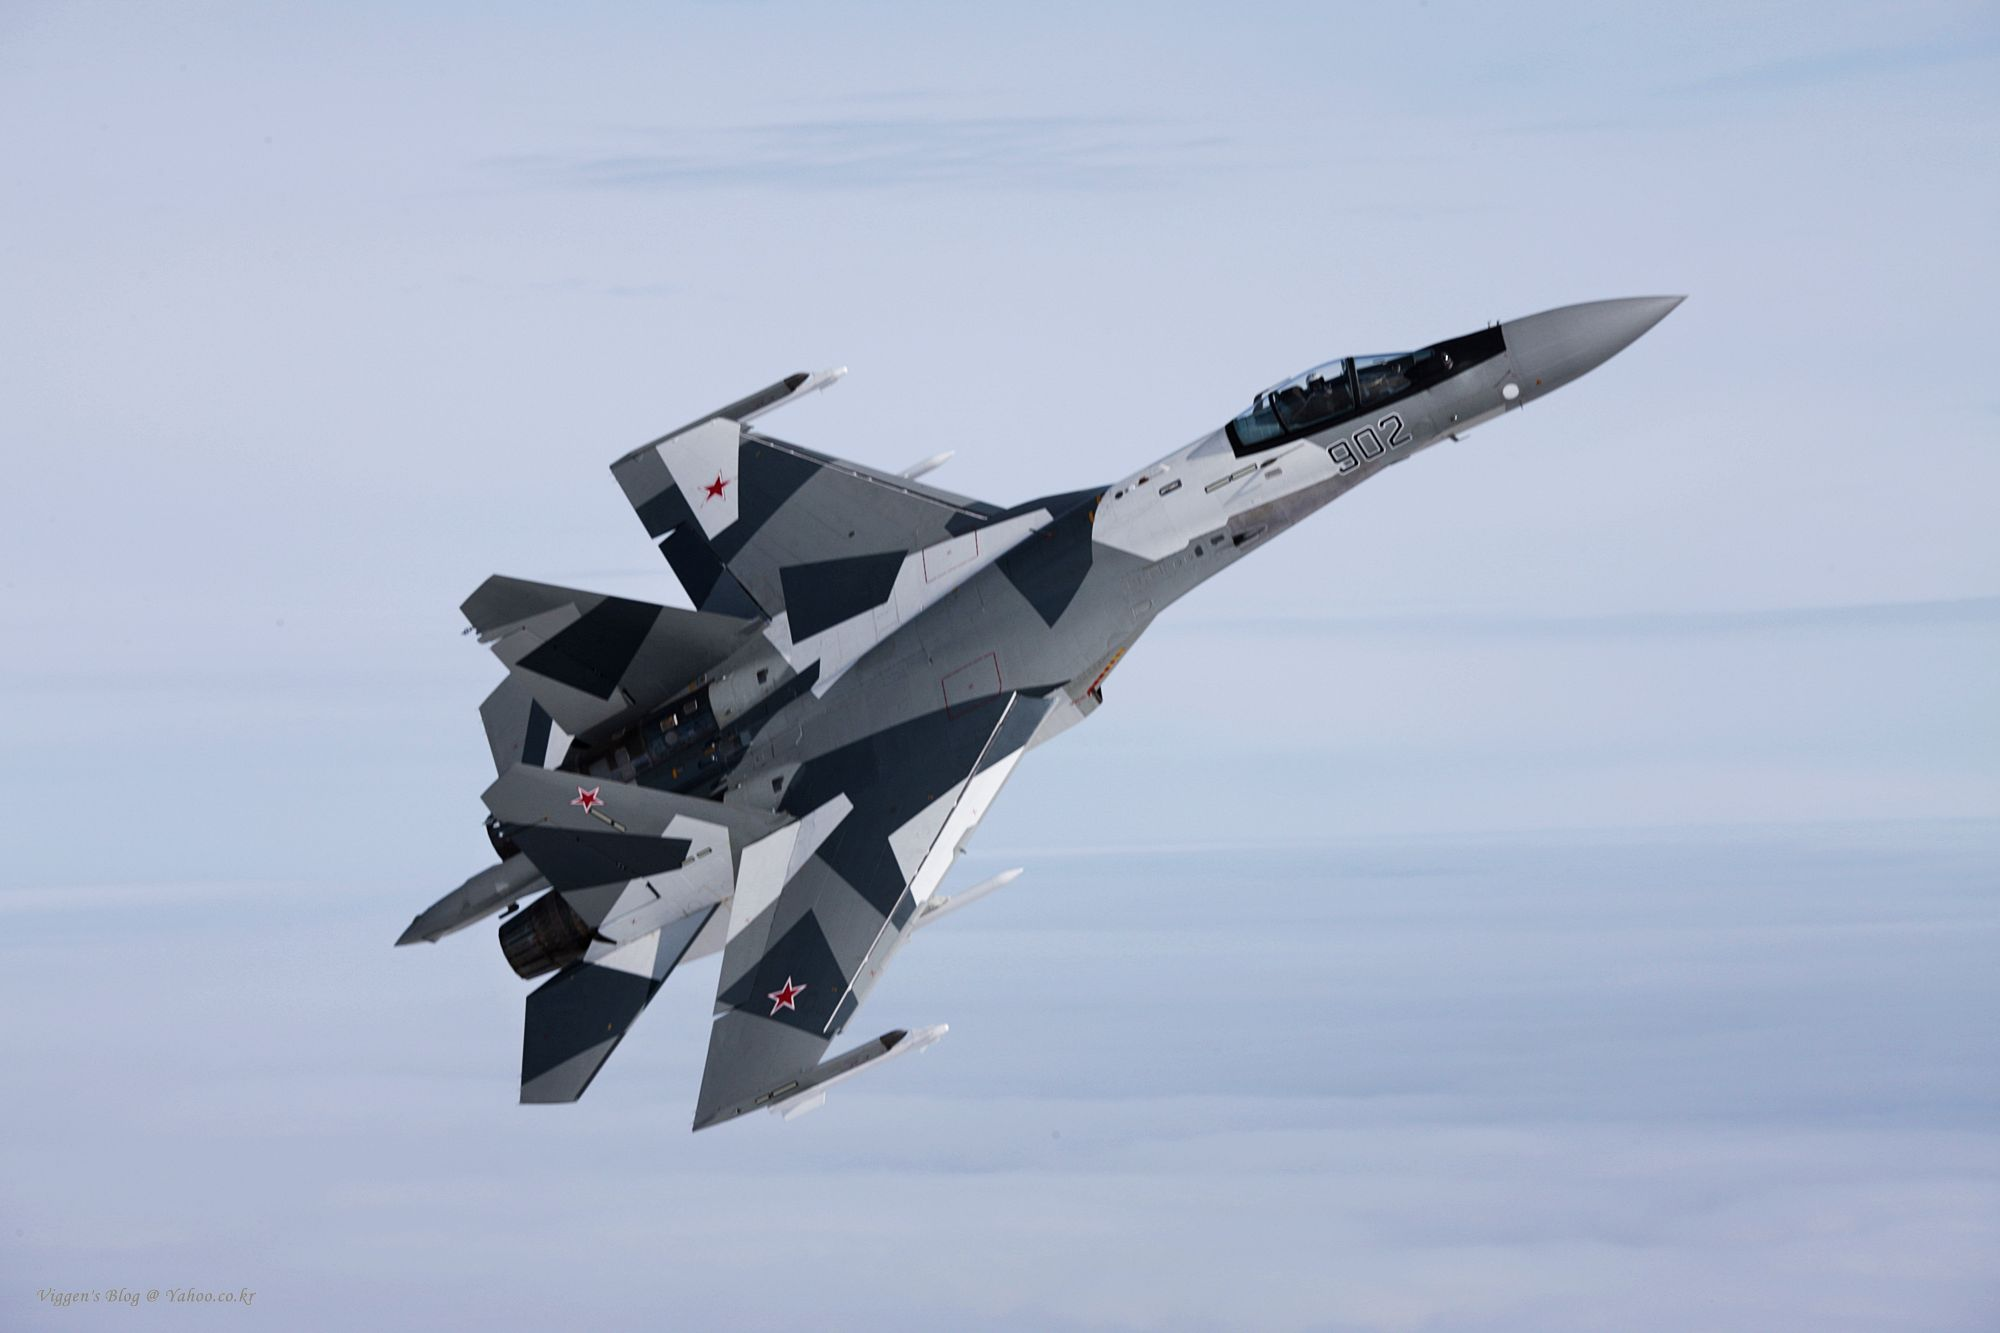 ترسانات الأسلحة للعام 2012 - صفحة 2 Su-35bm-2-1